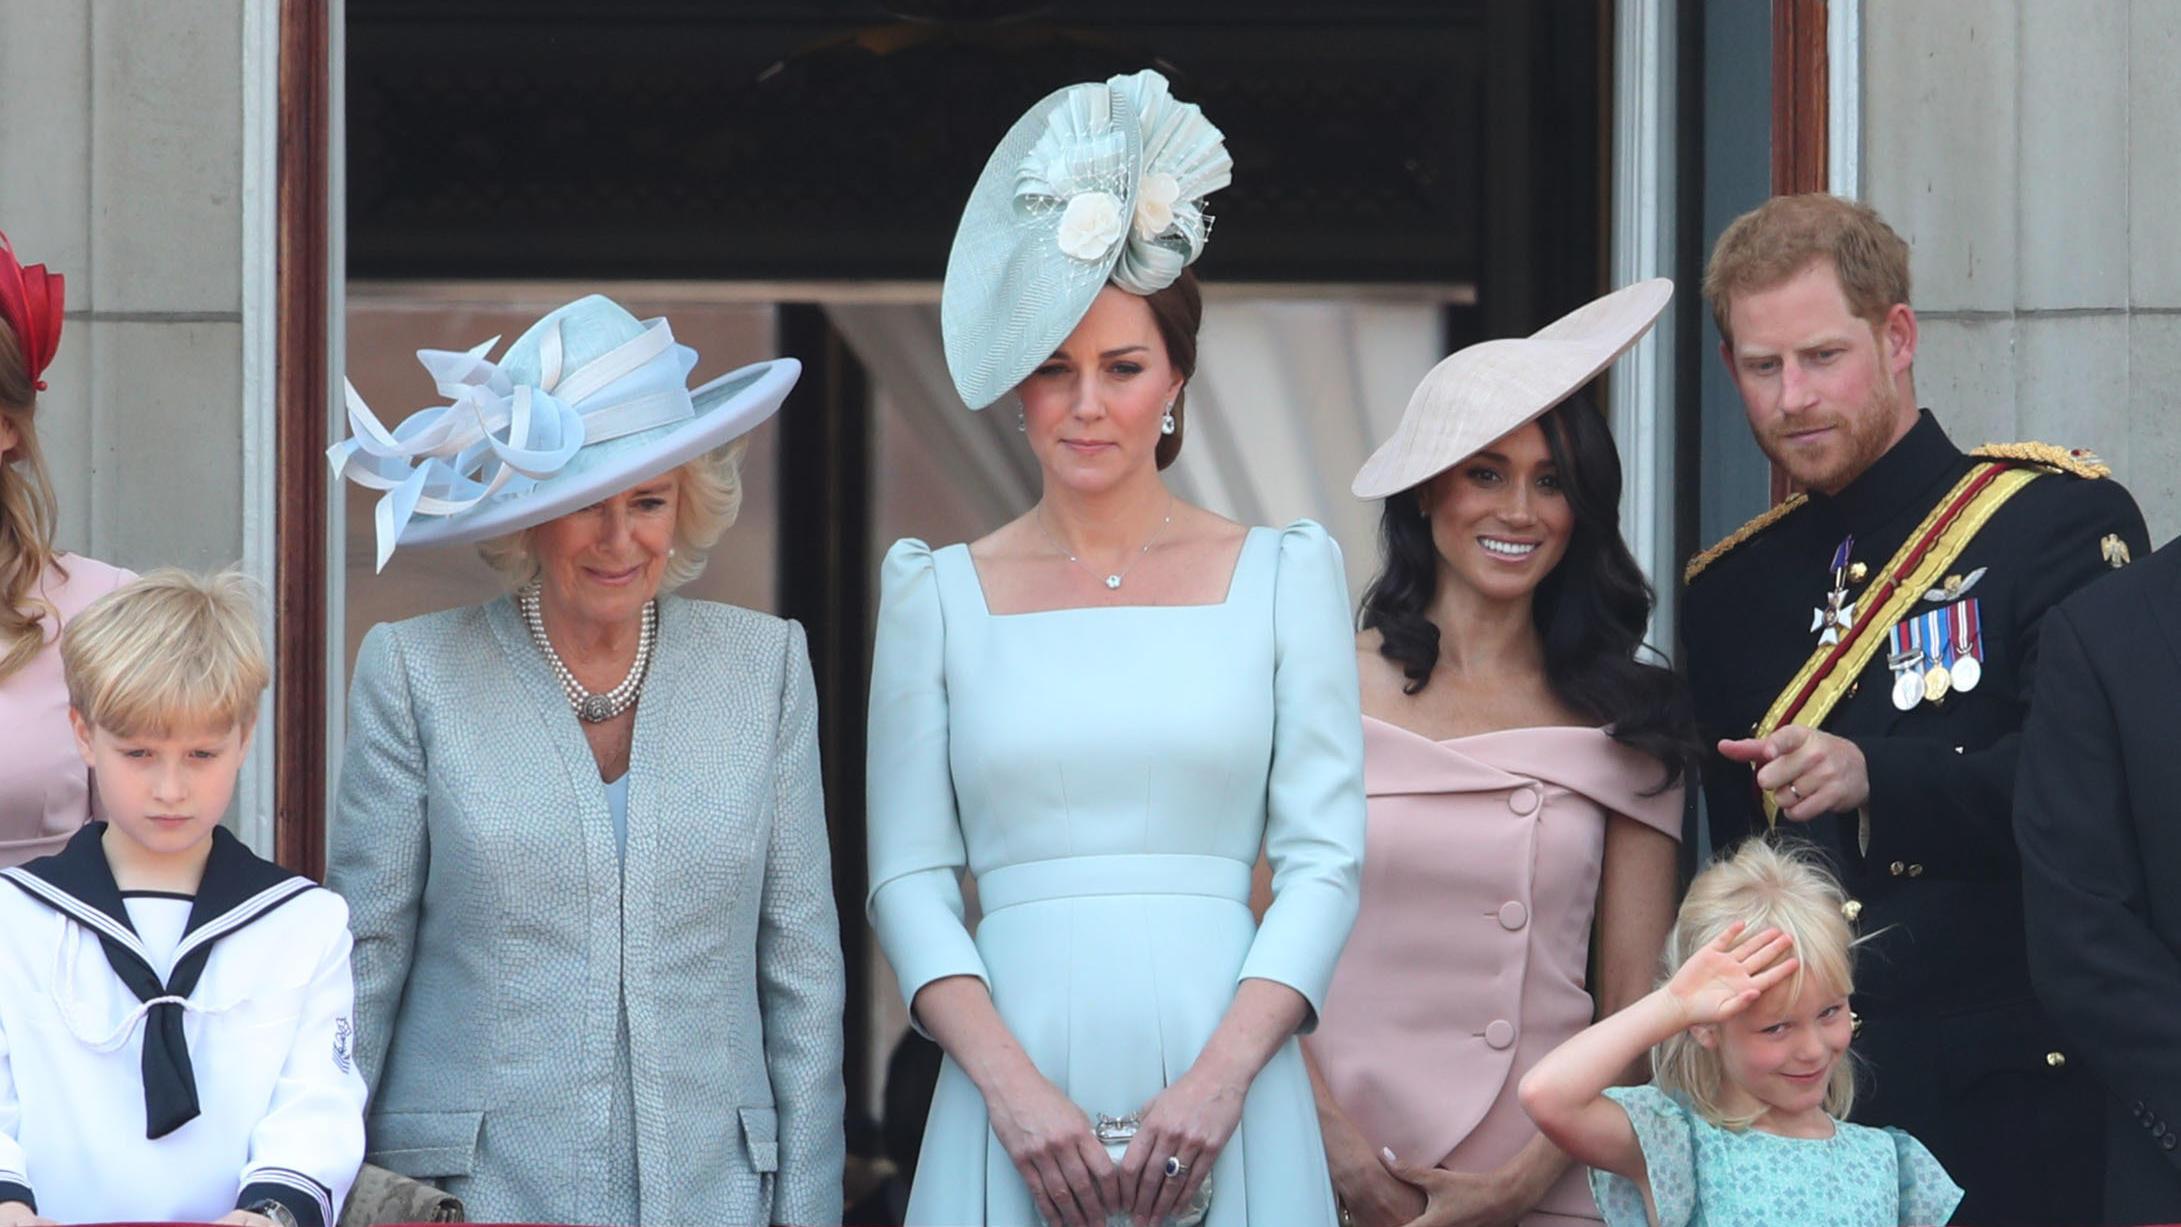 Royals auf Reise: Harry und Meghan planen ersten offiziellen Auslandsaufenthalt